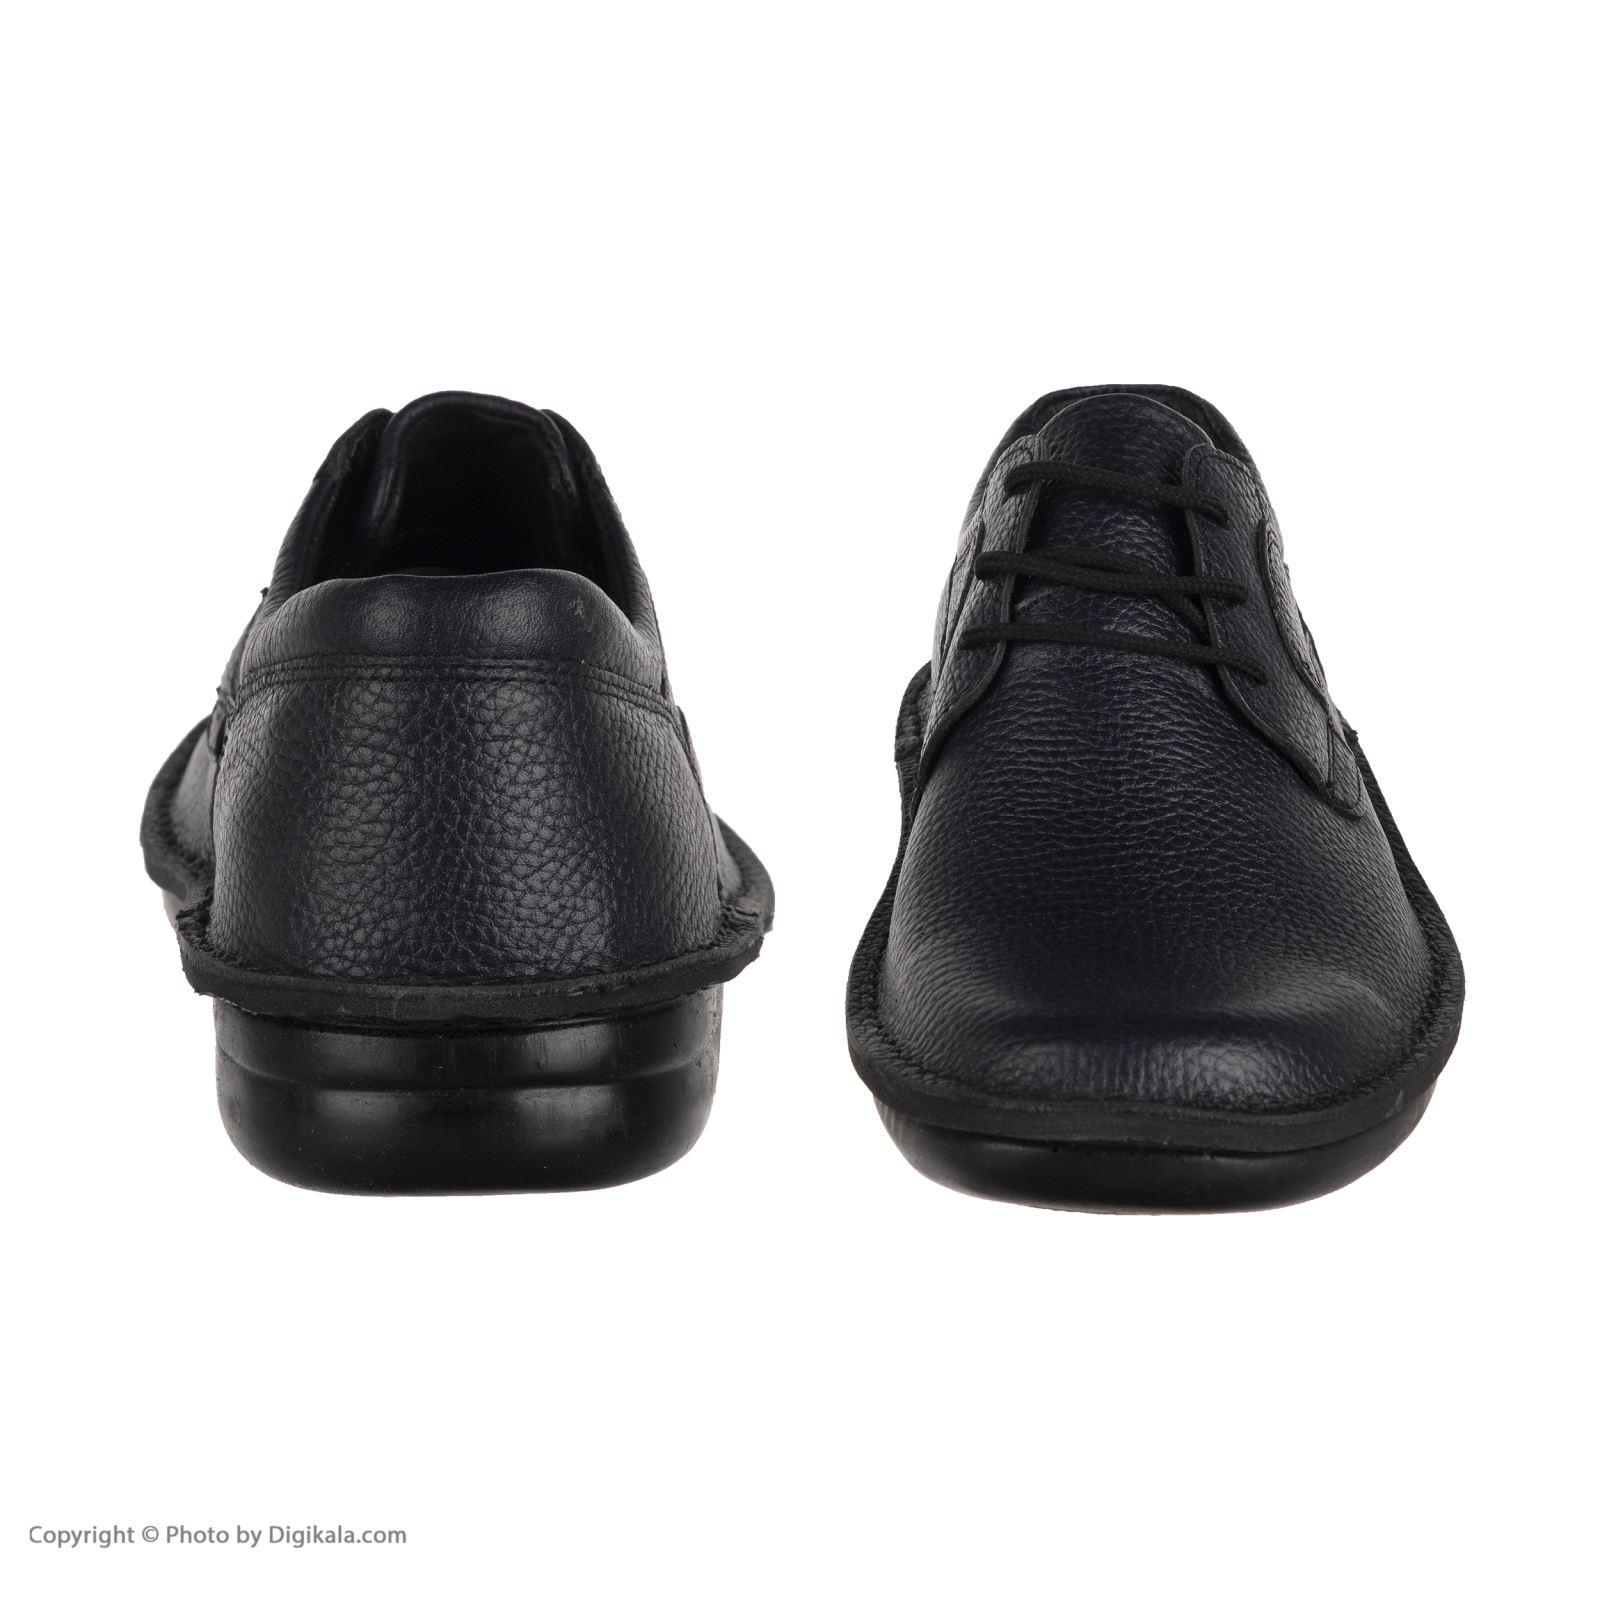 کفش روزمره مردانه سوته مدل 4789A501103 -  - 5